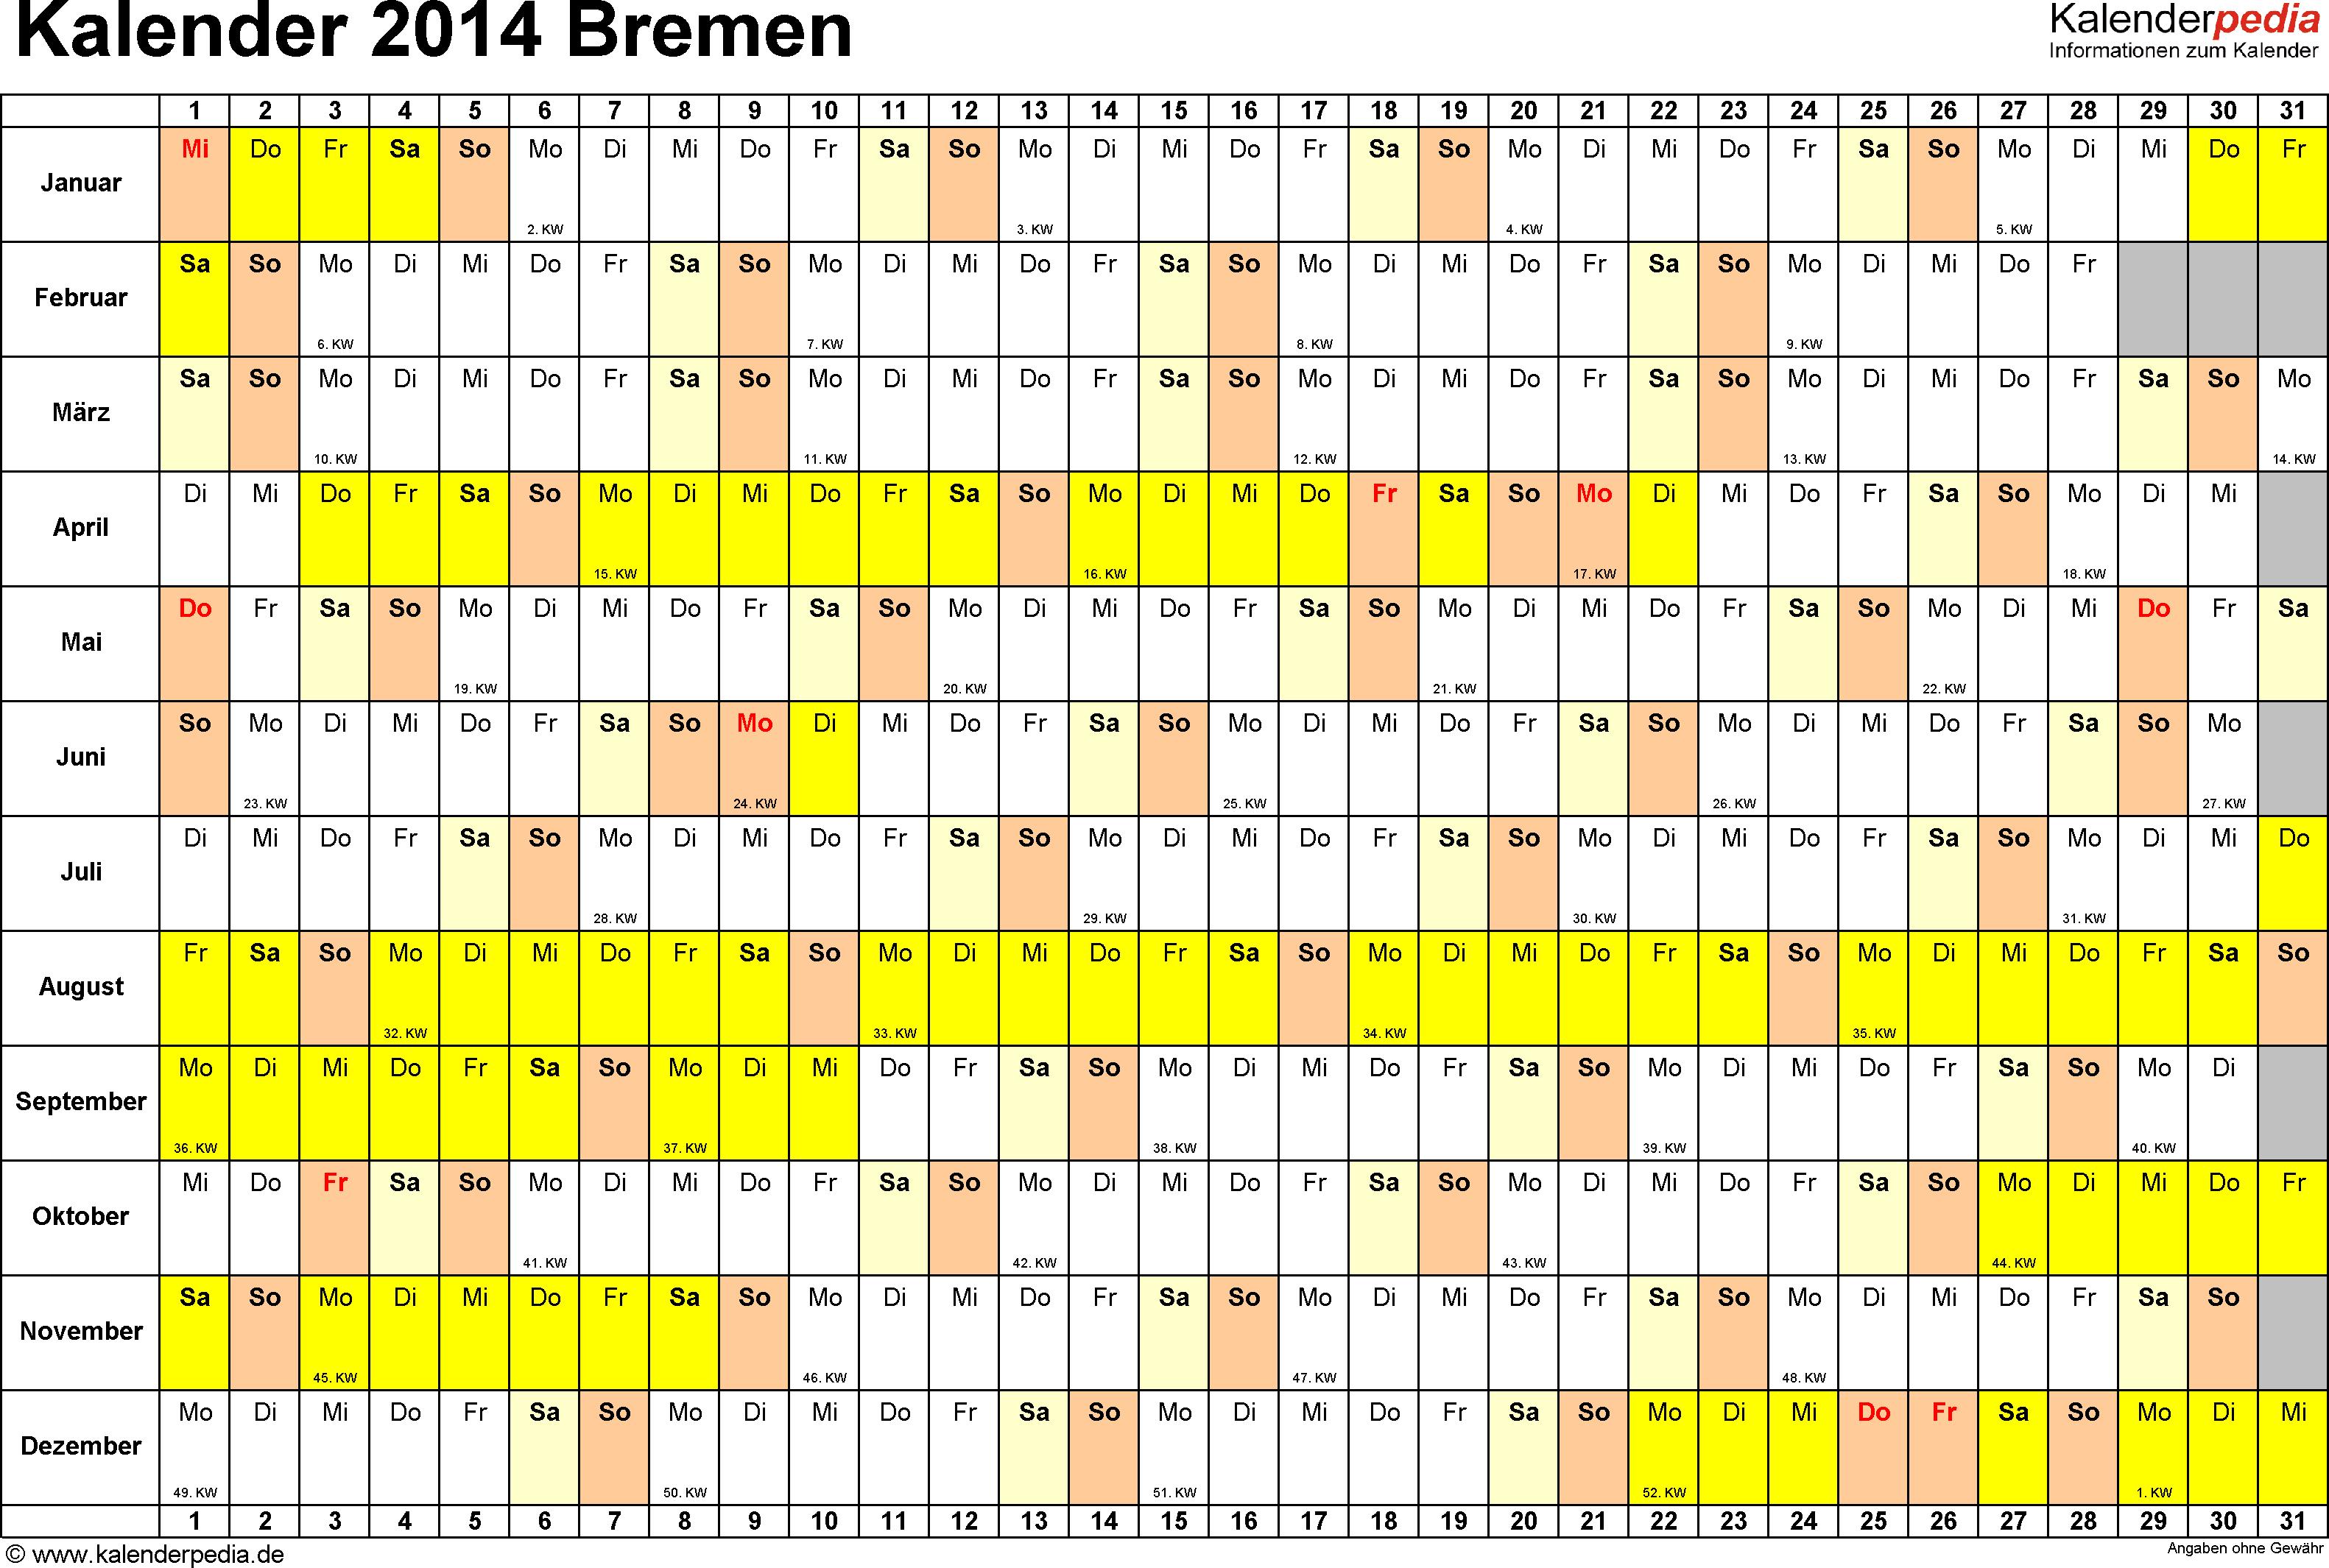 Vorlage 3: Kalender Bremen 2014 im Querformat, Tage nebeneinander